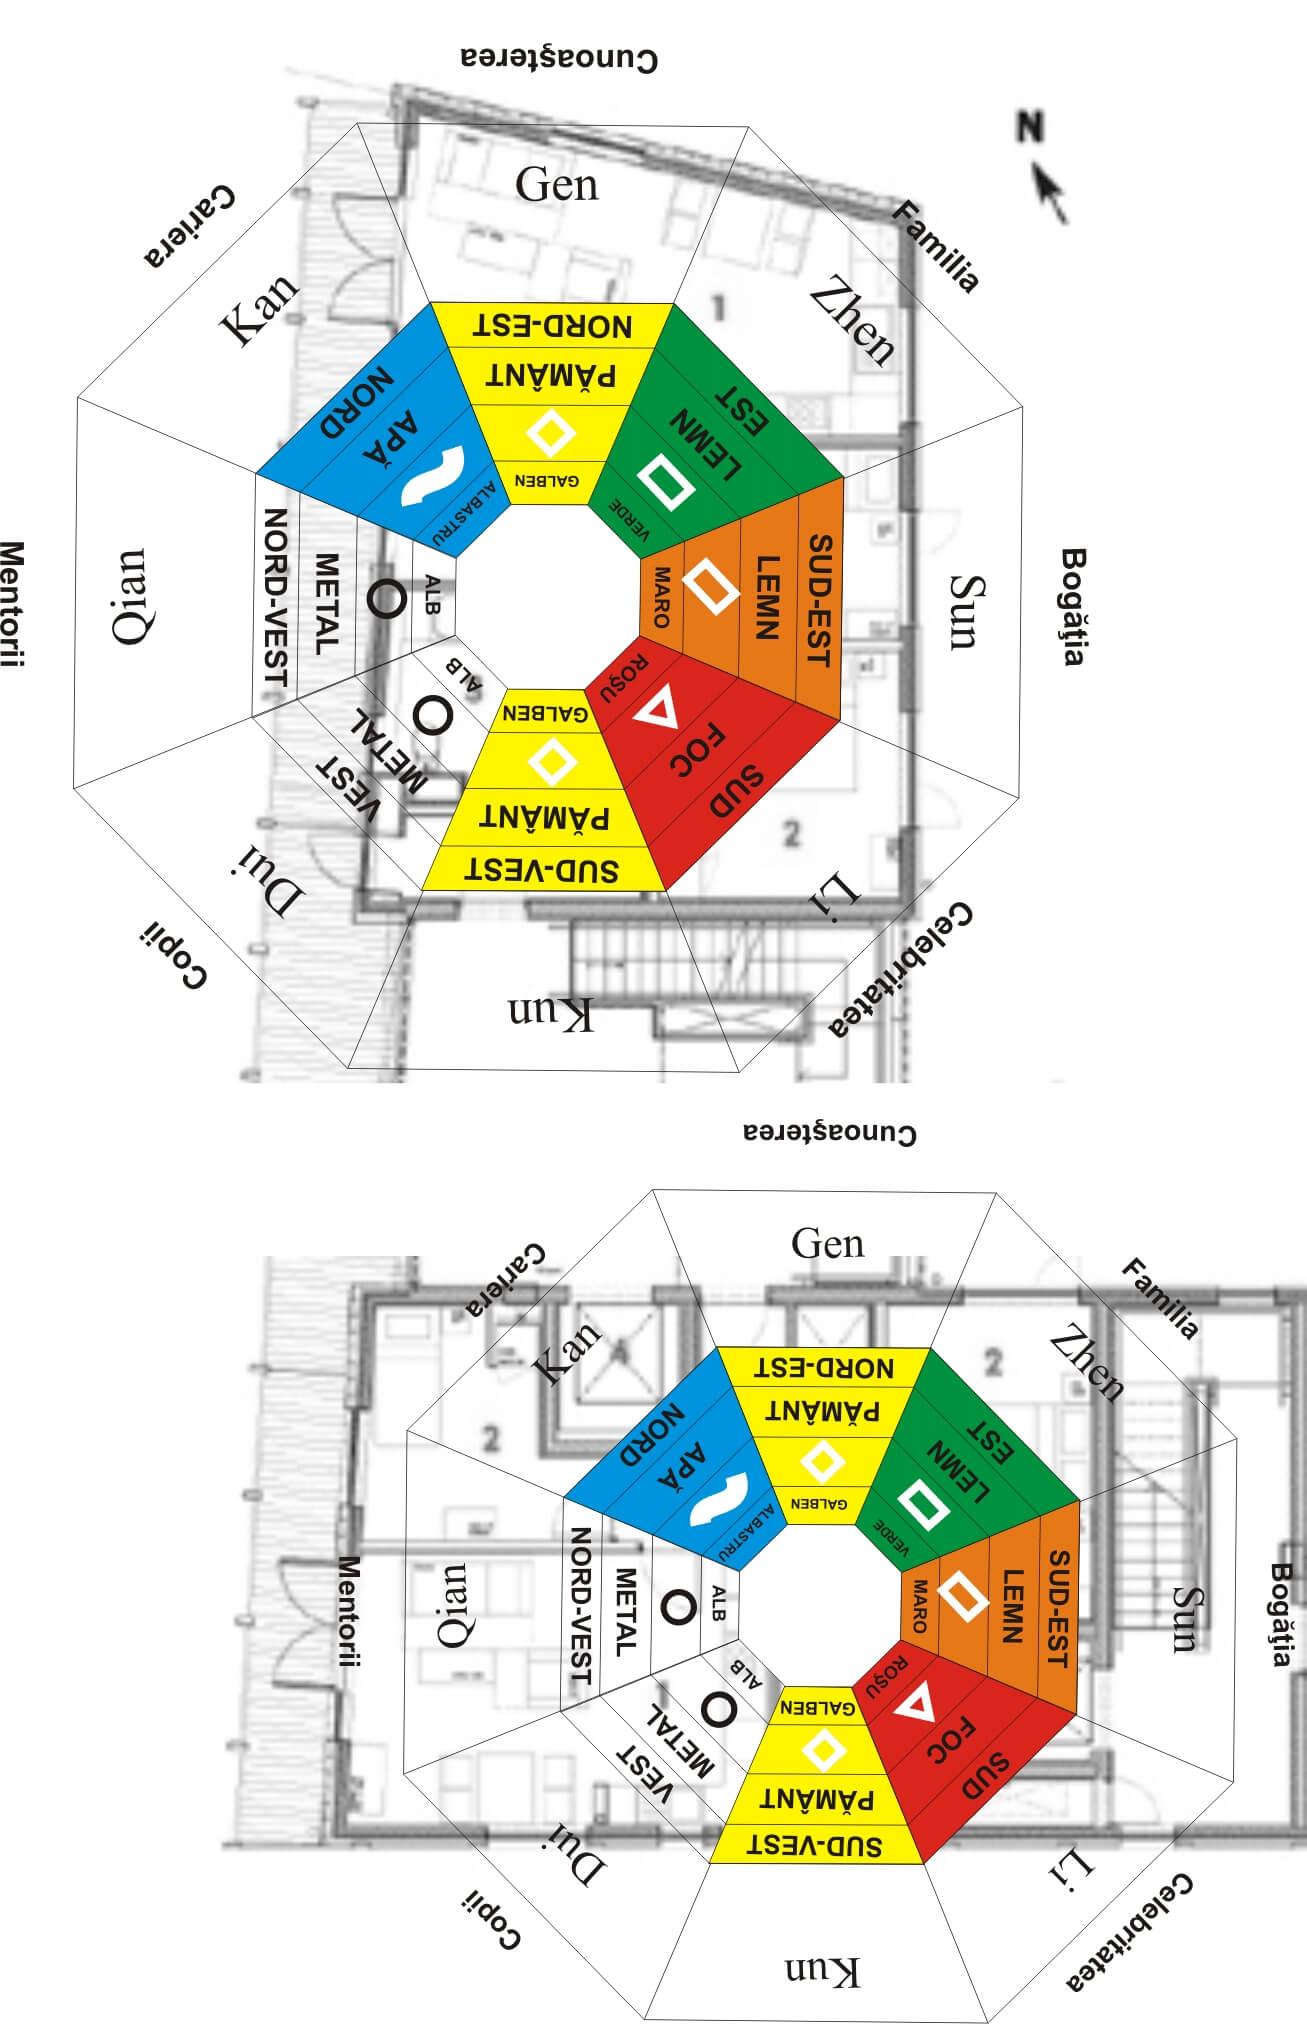 Prin separarea celor două laturi ale planului casei, se realizeaza o analiză complet diferită a celor două corpuri de casă, toate zonele fiind corect aspectate.